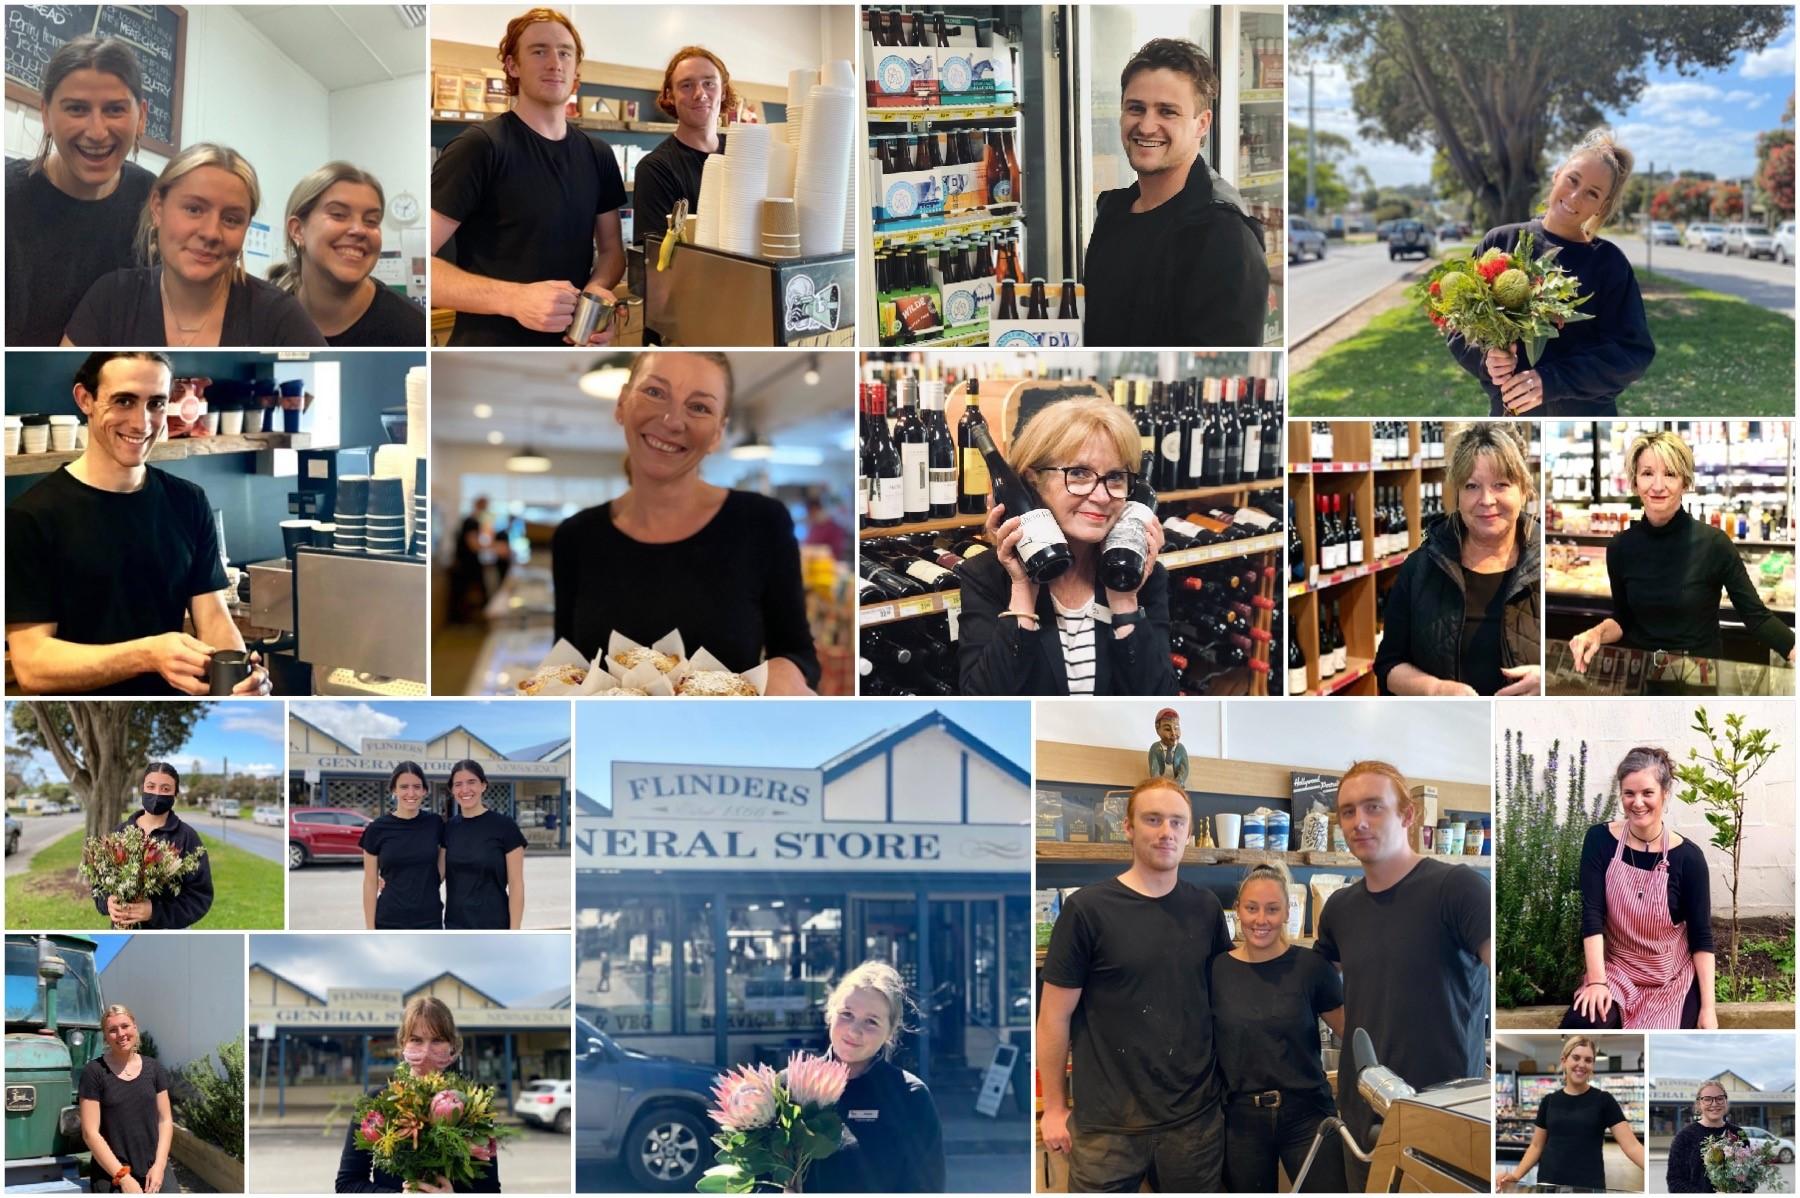 flinders general store staff